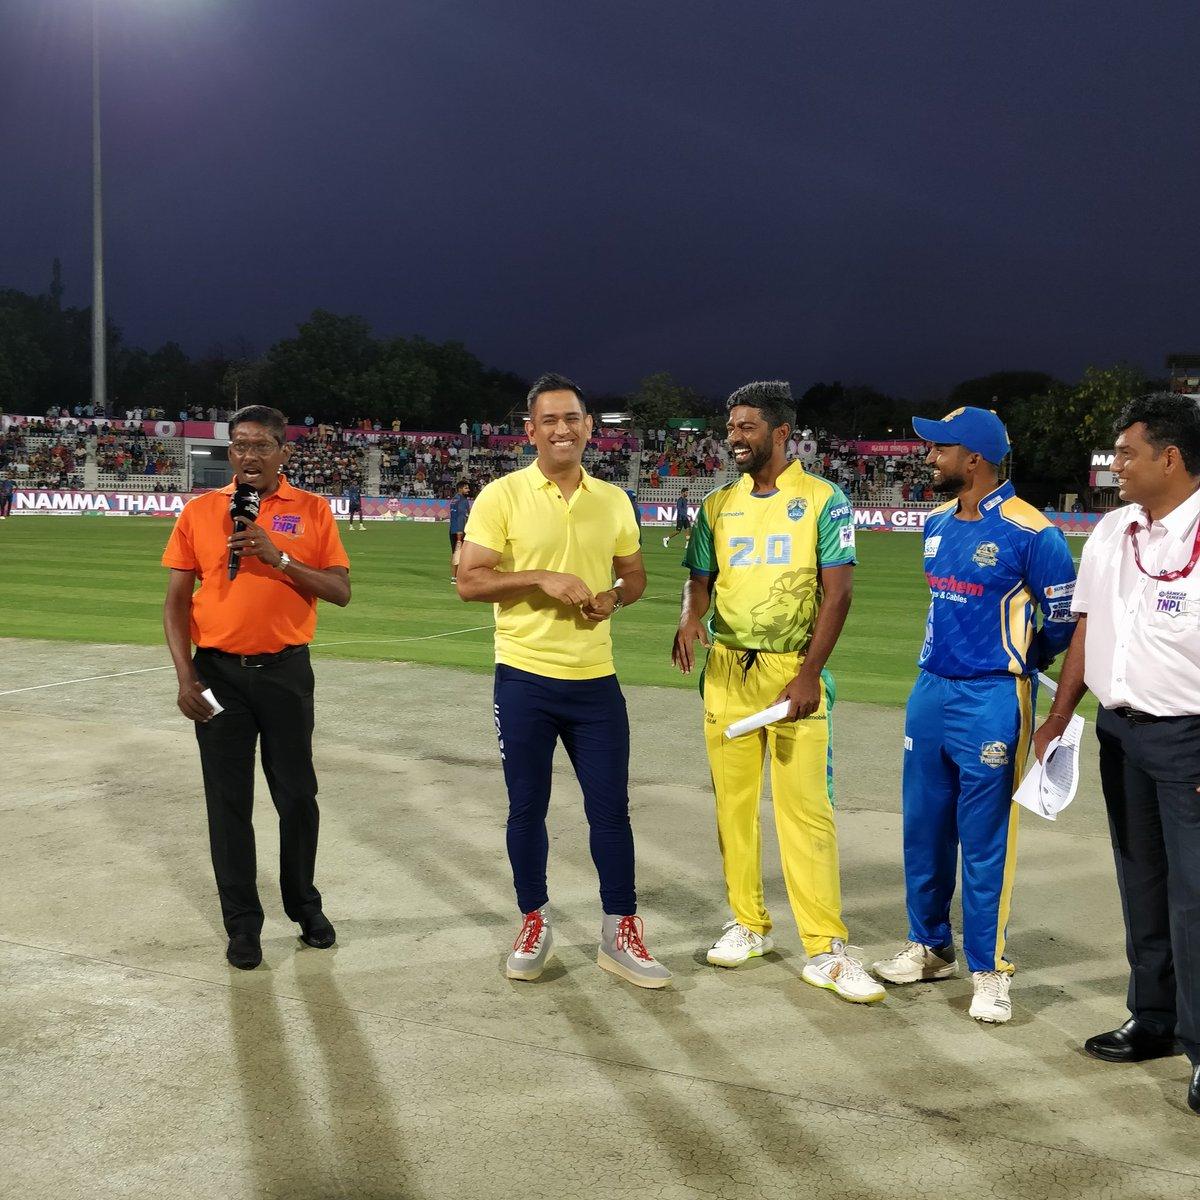 TNPL में नजर आये पूर्व भारतीय कप्तान महेंद्र सिंह धोनी, प्रसंशको ने ख़ास अंदाज में किया स्वागत 16